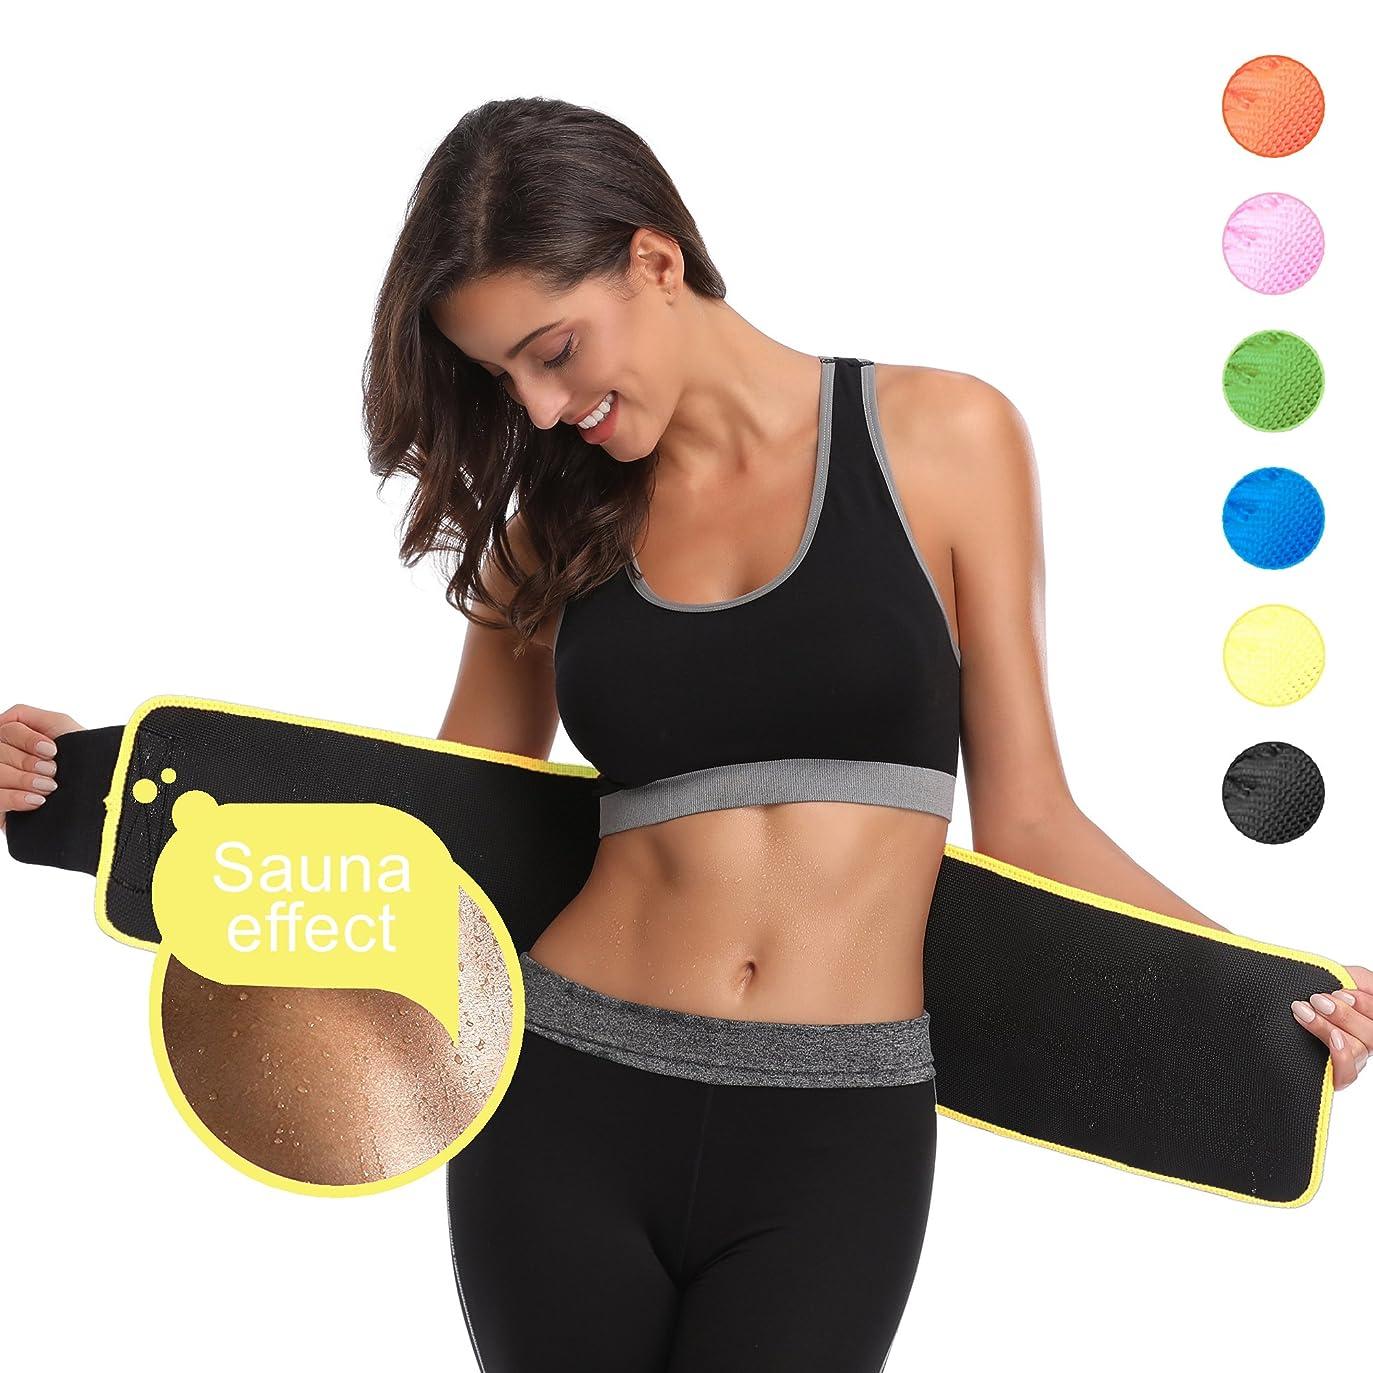 不完全非効率的なリレーabahubウエストトリマー?–?重量損失ABベルトforレディース&メンズ?–?胃Fat Burnerラップ?–?プレミアムウエストトレーナー